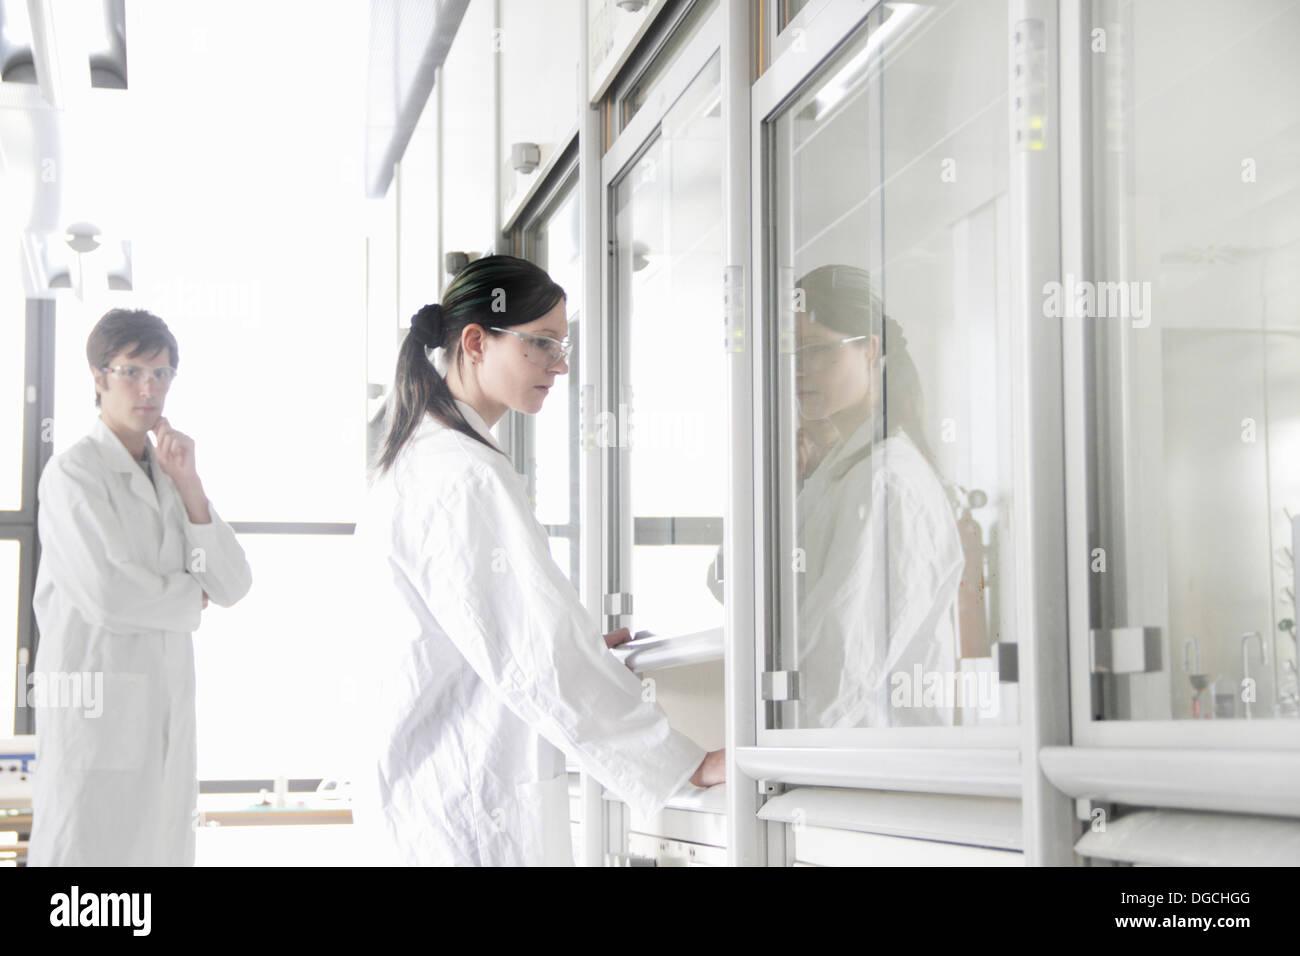 Studenti di chimica dalla cappa chimica in laboratorio Immagini Stock